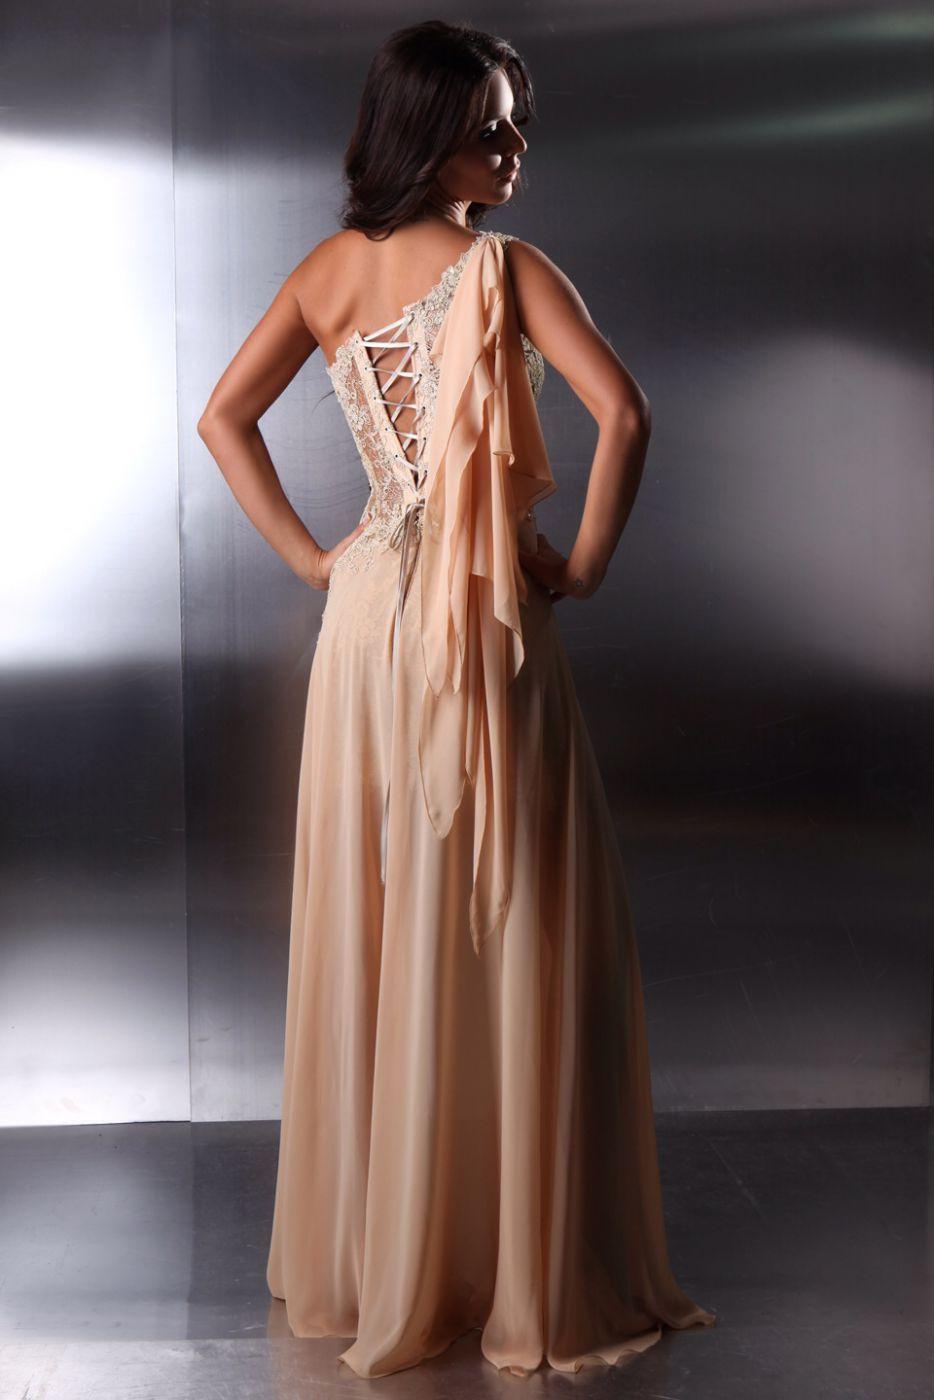 Designer Abendkleid nude aus Chiffon - Kleiderfreuden